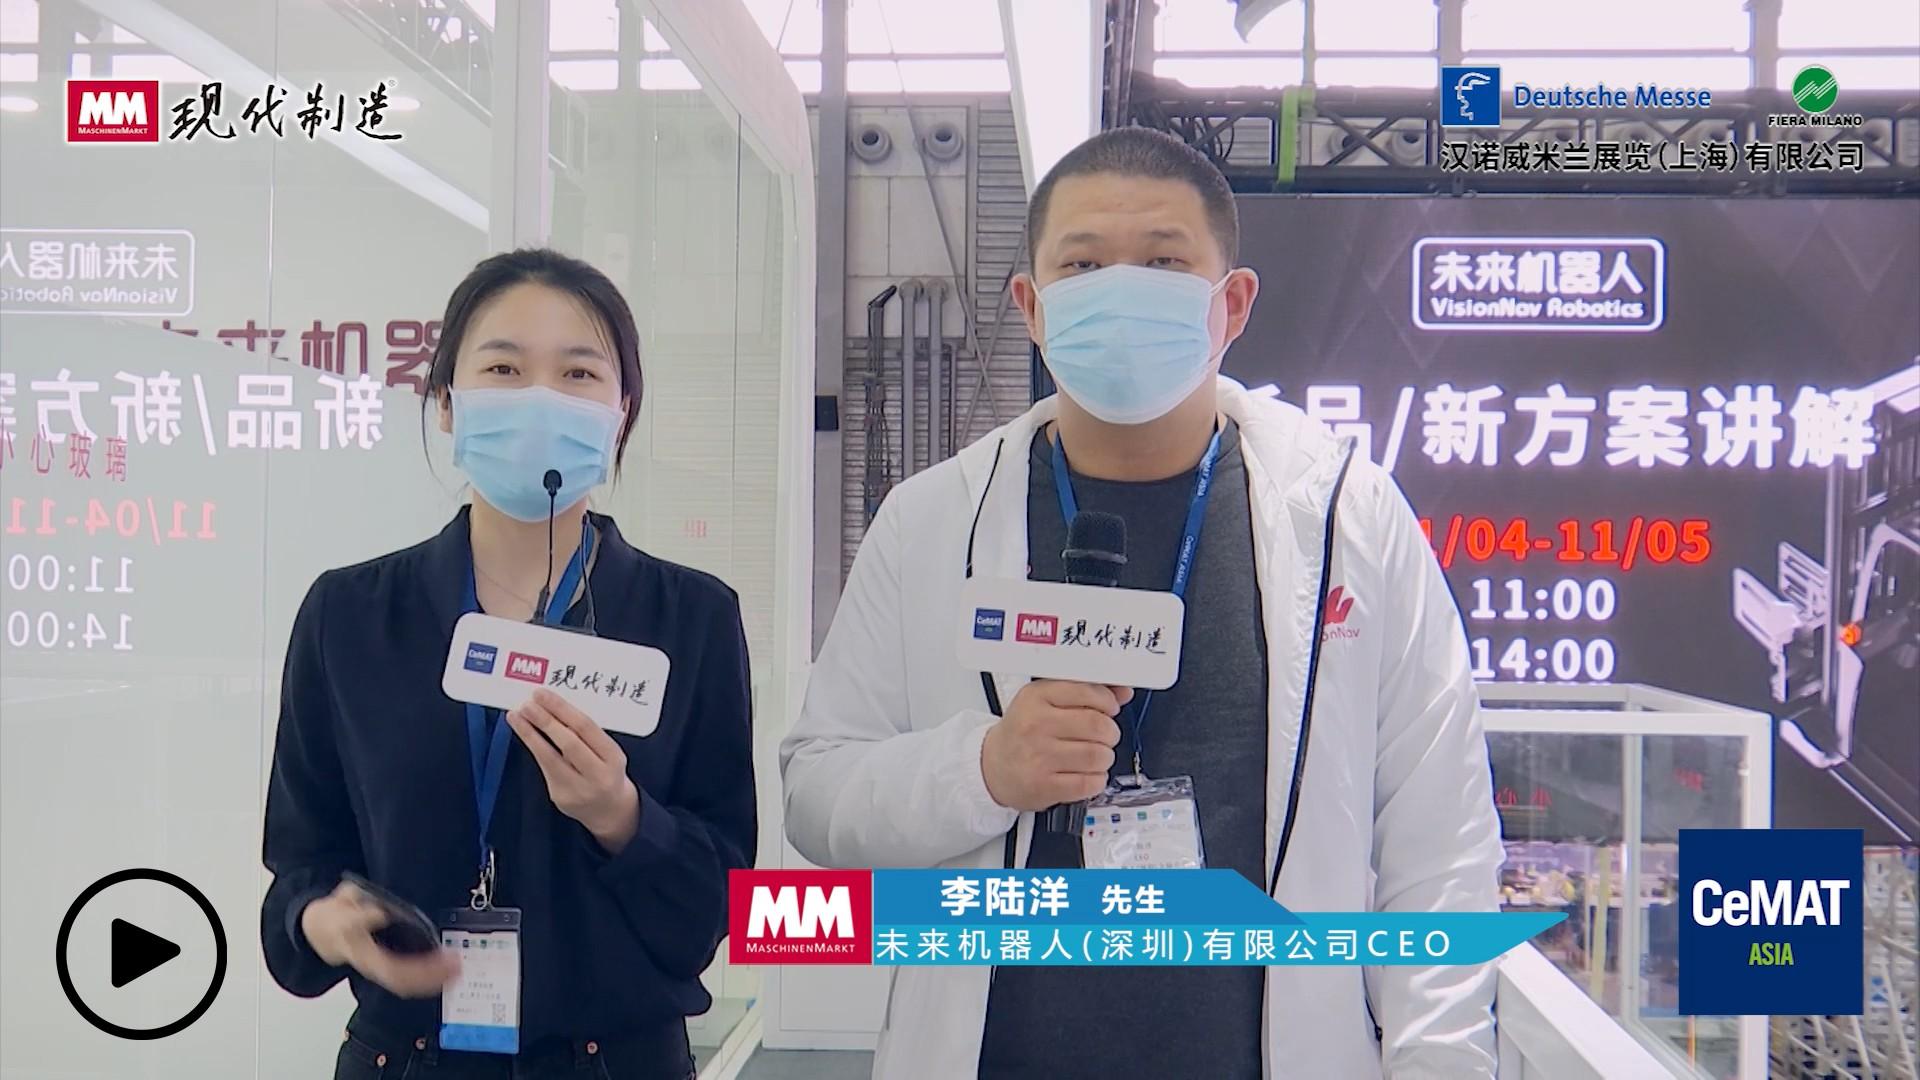 未来机器人(深圳)有限公司 - CEO - 李陆洋